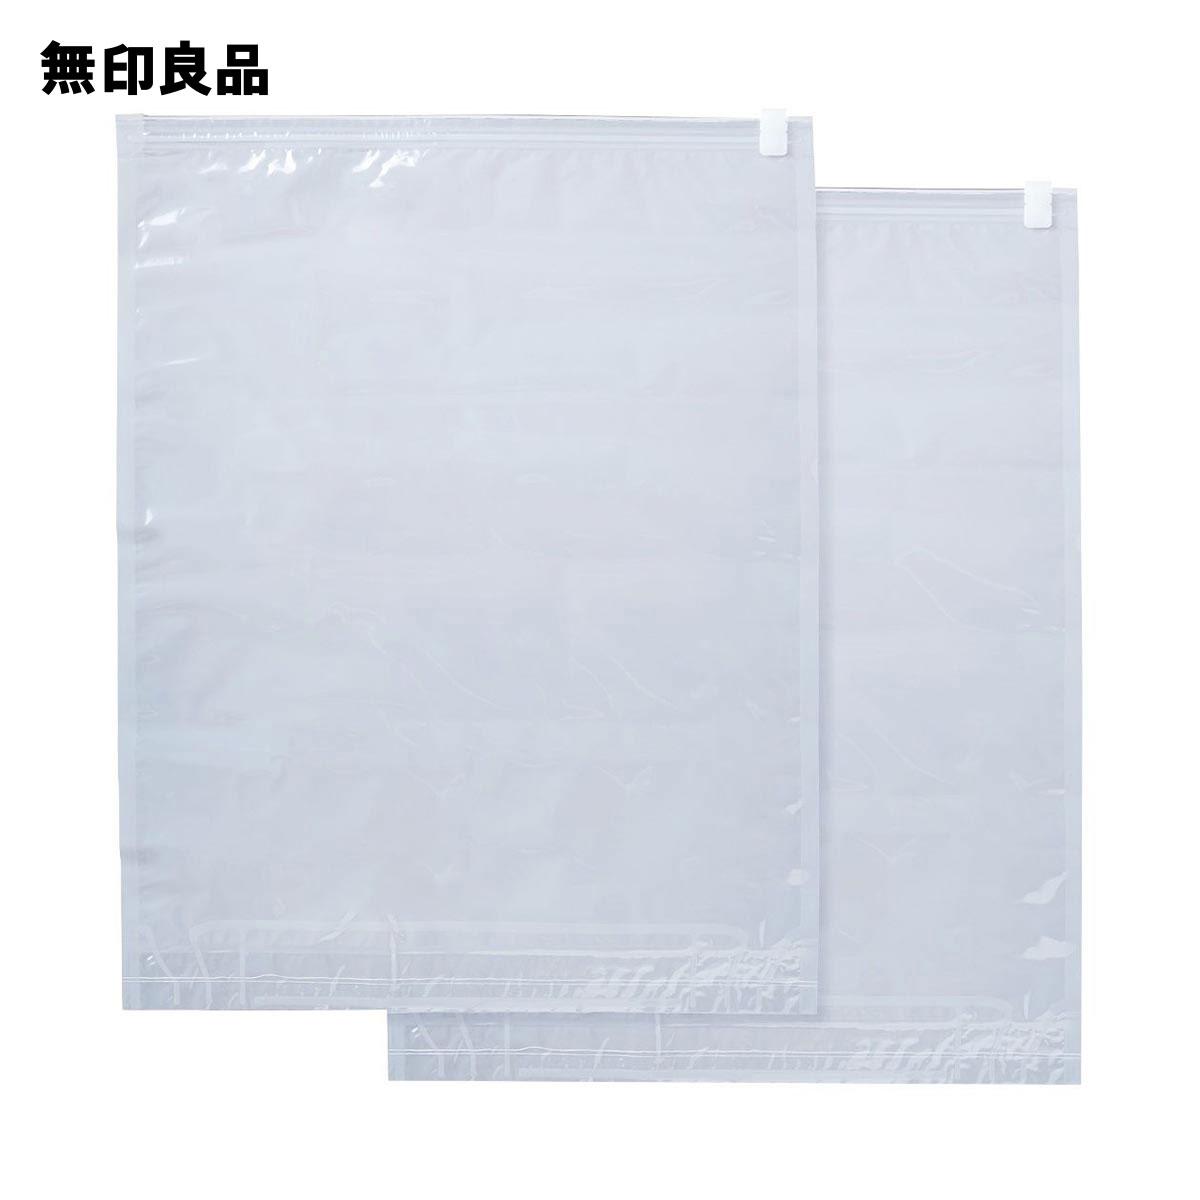 【無印良品公式】衣類用圧縮袋390×500mm2枚入